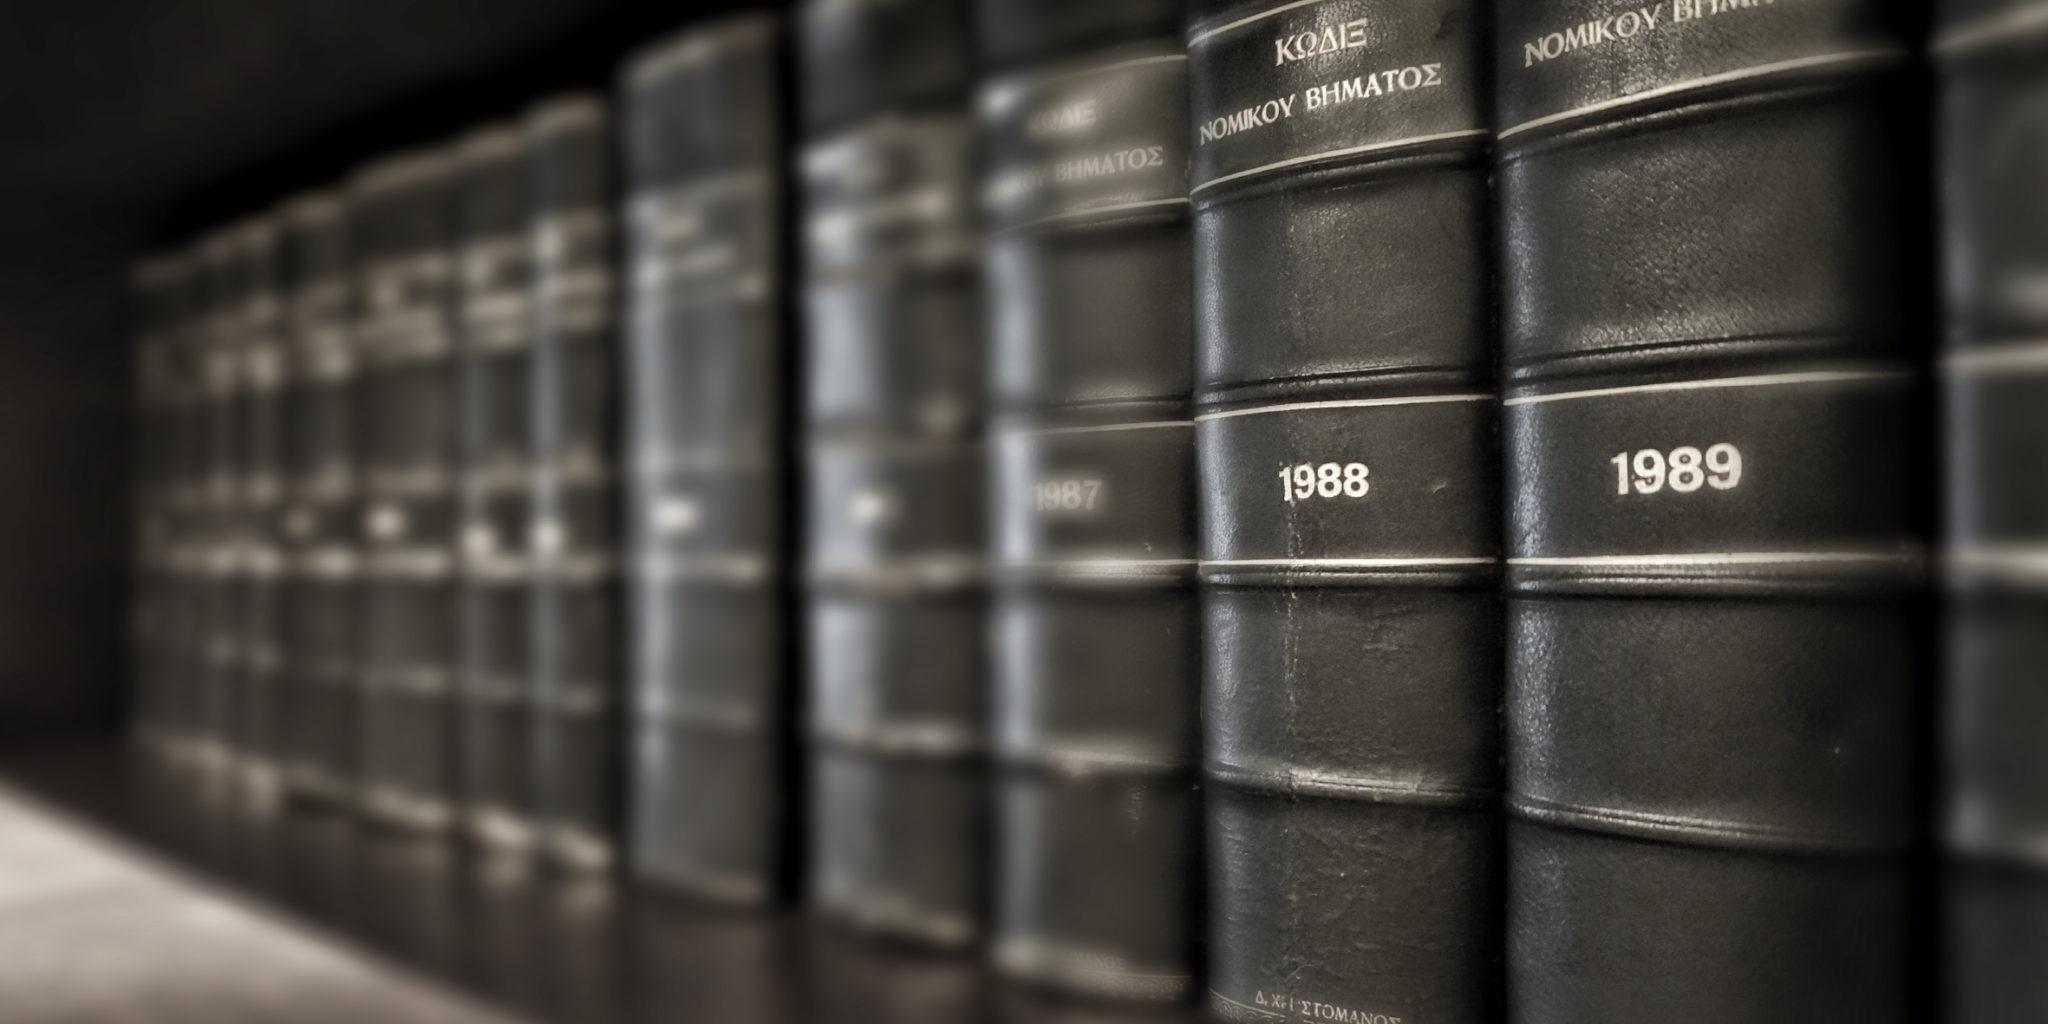 Δερματόδετα Νομικά Βιβλία